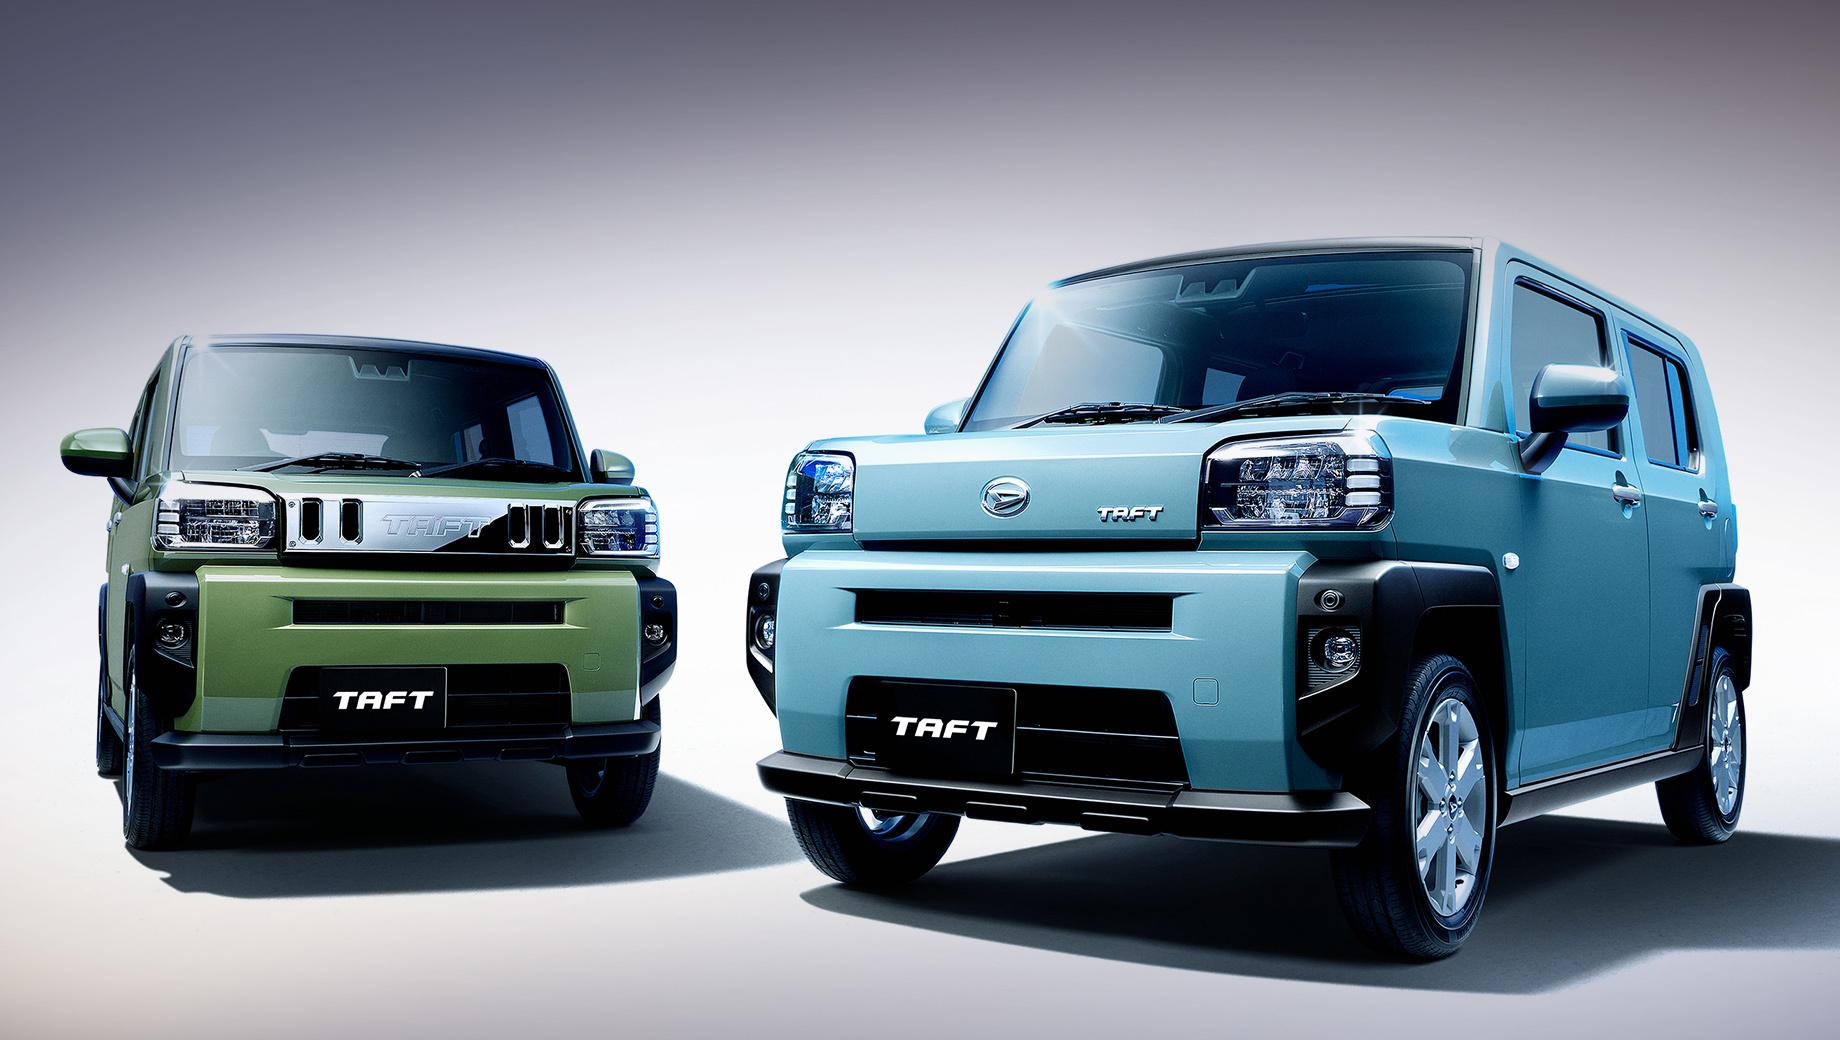 Daihatsu taft. Хромированная накладка между фар — всего лишь дилерская опция, а не признак какой-либо версии. Размеры, заявленные прототипом: 3395×1475×1630 мм. Колёсная база не названа, но можно предположить 2460.  Дорожный просвет — 190 мм.